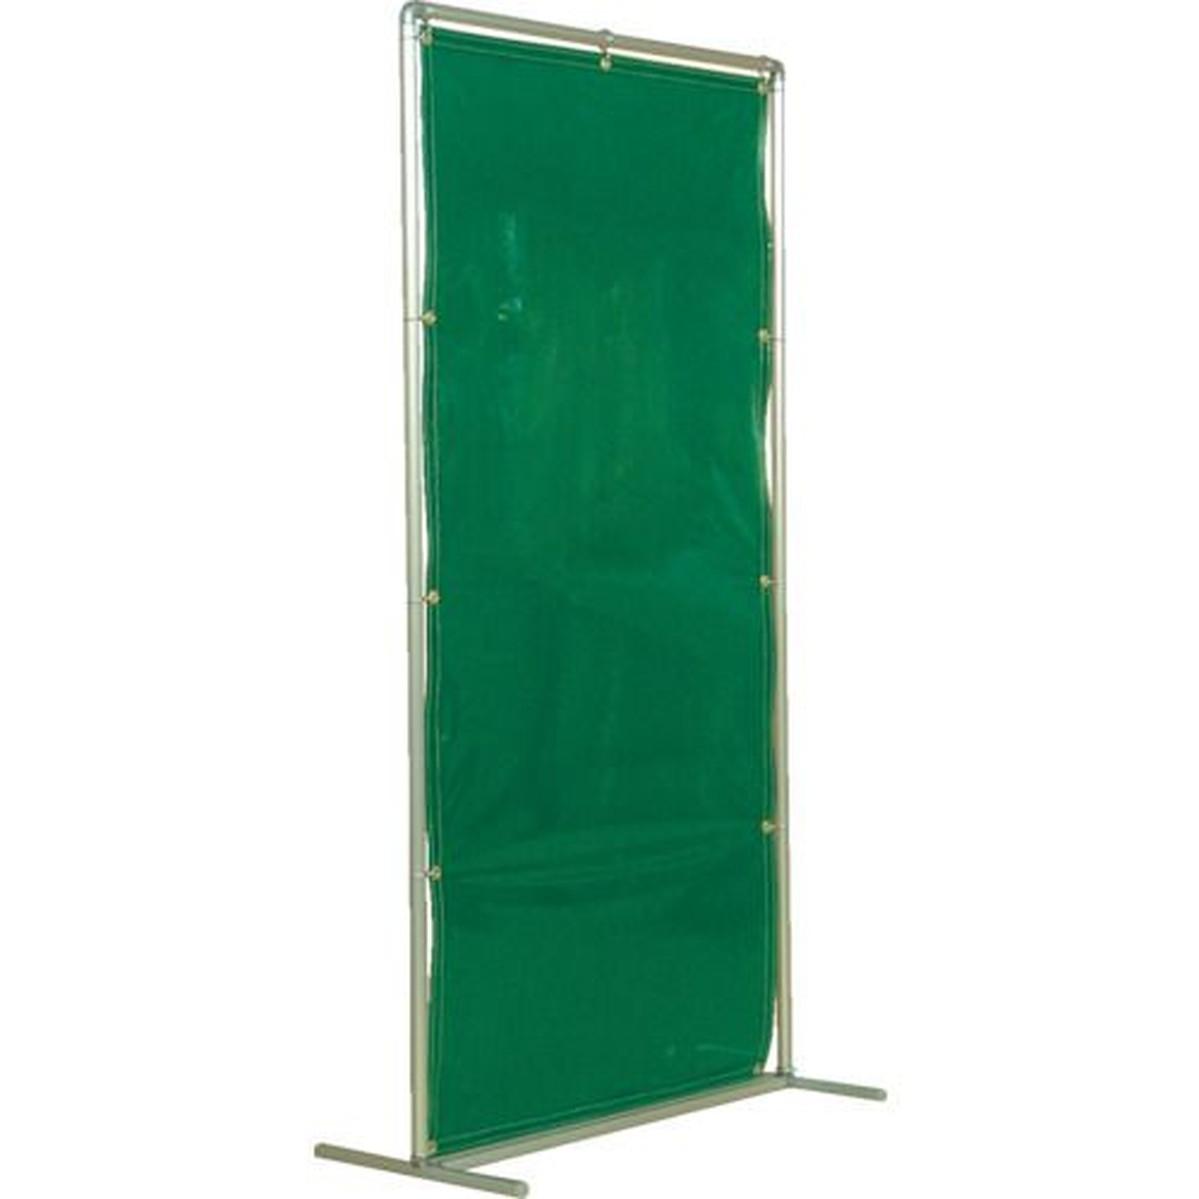 あす楽対応 DIY用品 正規取扱店 吉野 信憑 遮光フェンスアルミパイプ 単体固定 1台 1×2 グリーン